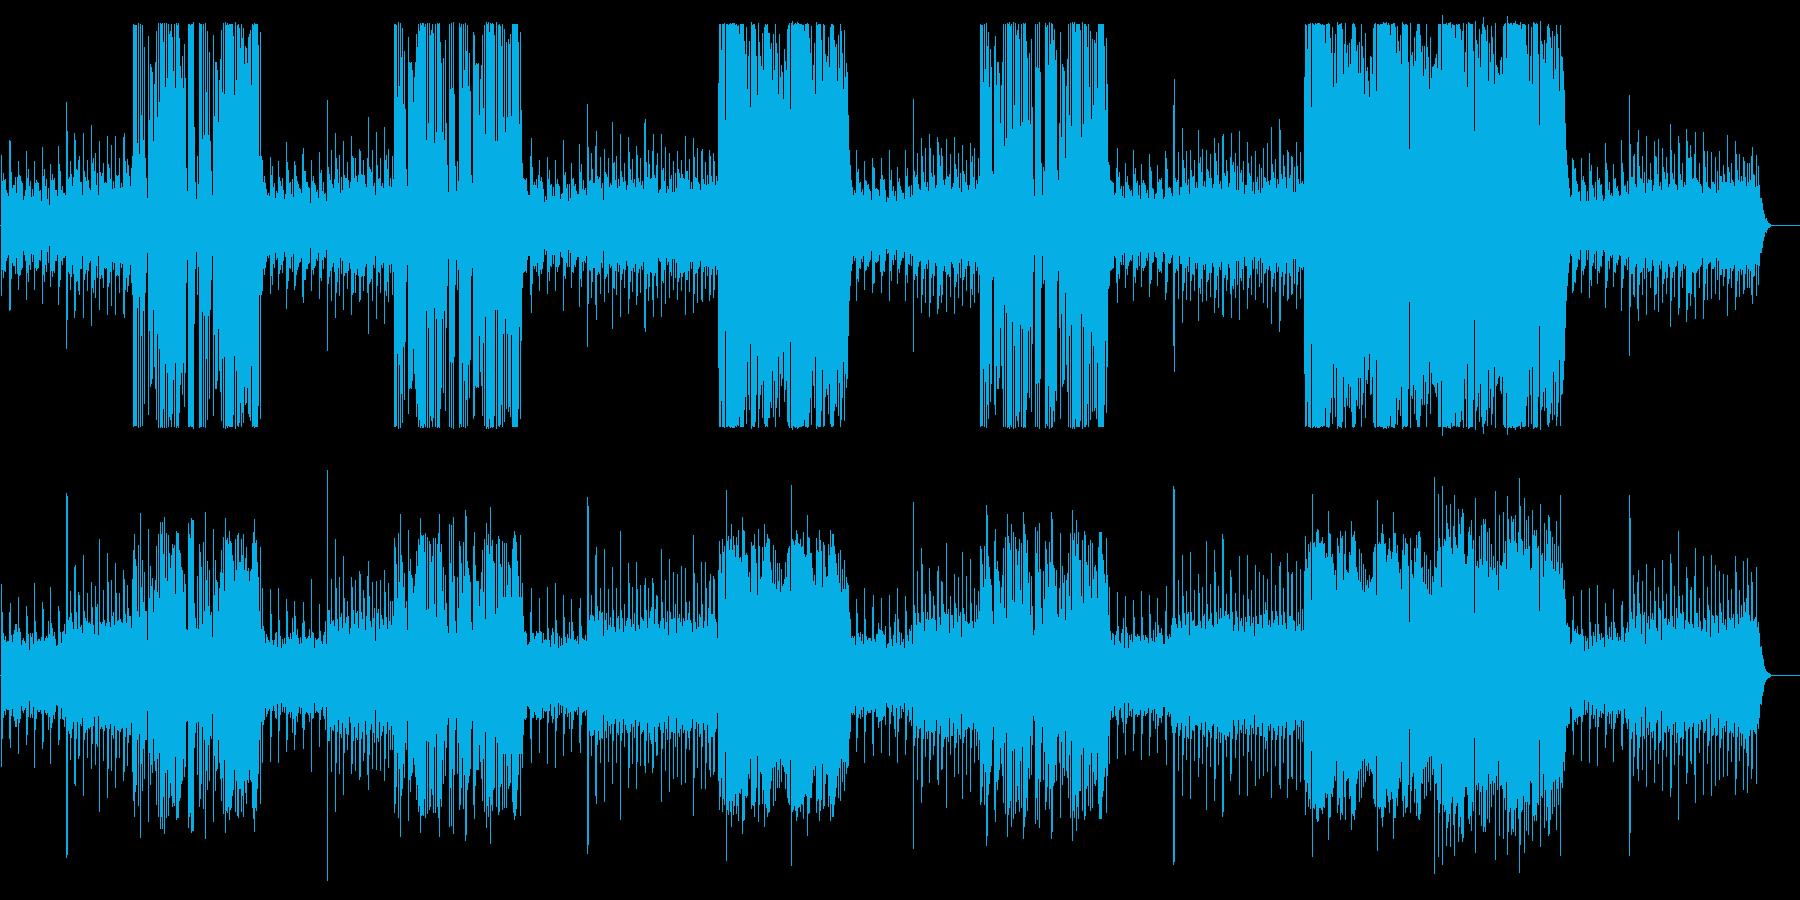 高音のキラキラした変則のチャイムの曲の再生済みの波形